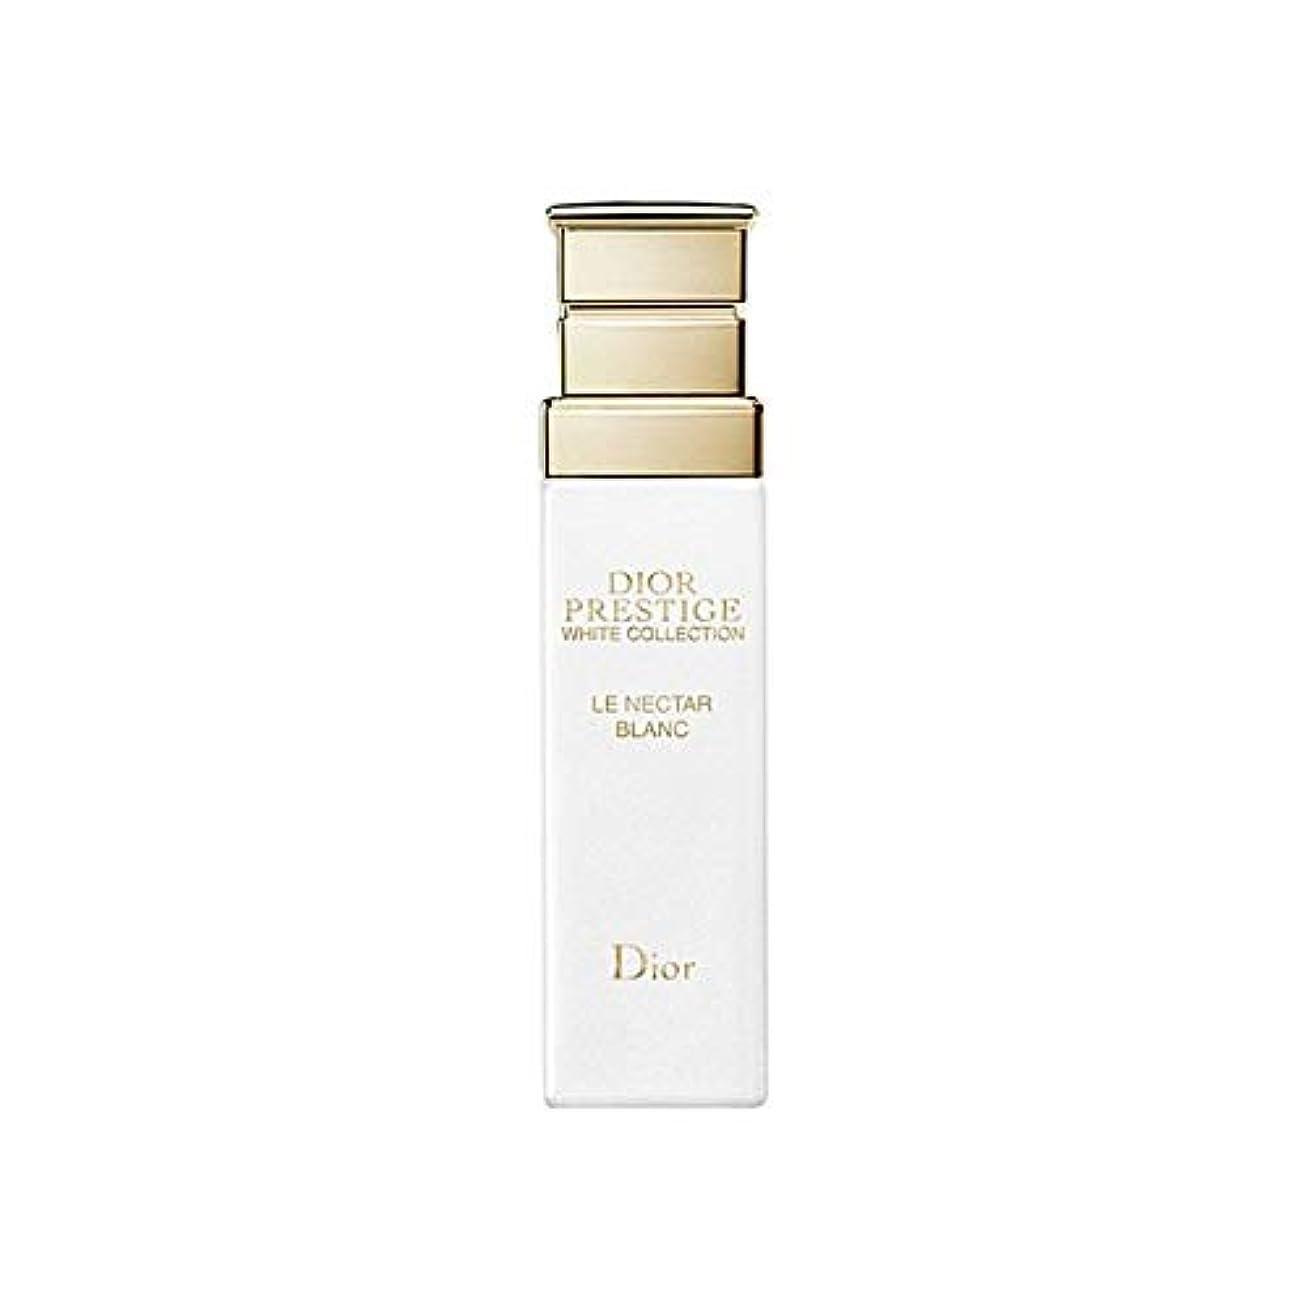 たっぷり蛾フリル[Dior] ディオール威信明るくセラム30Ml - Dior Prestige Brightening Serum 30ml [並行輸入品]